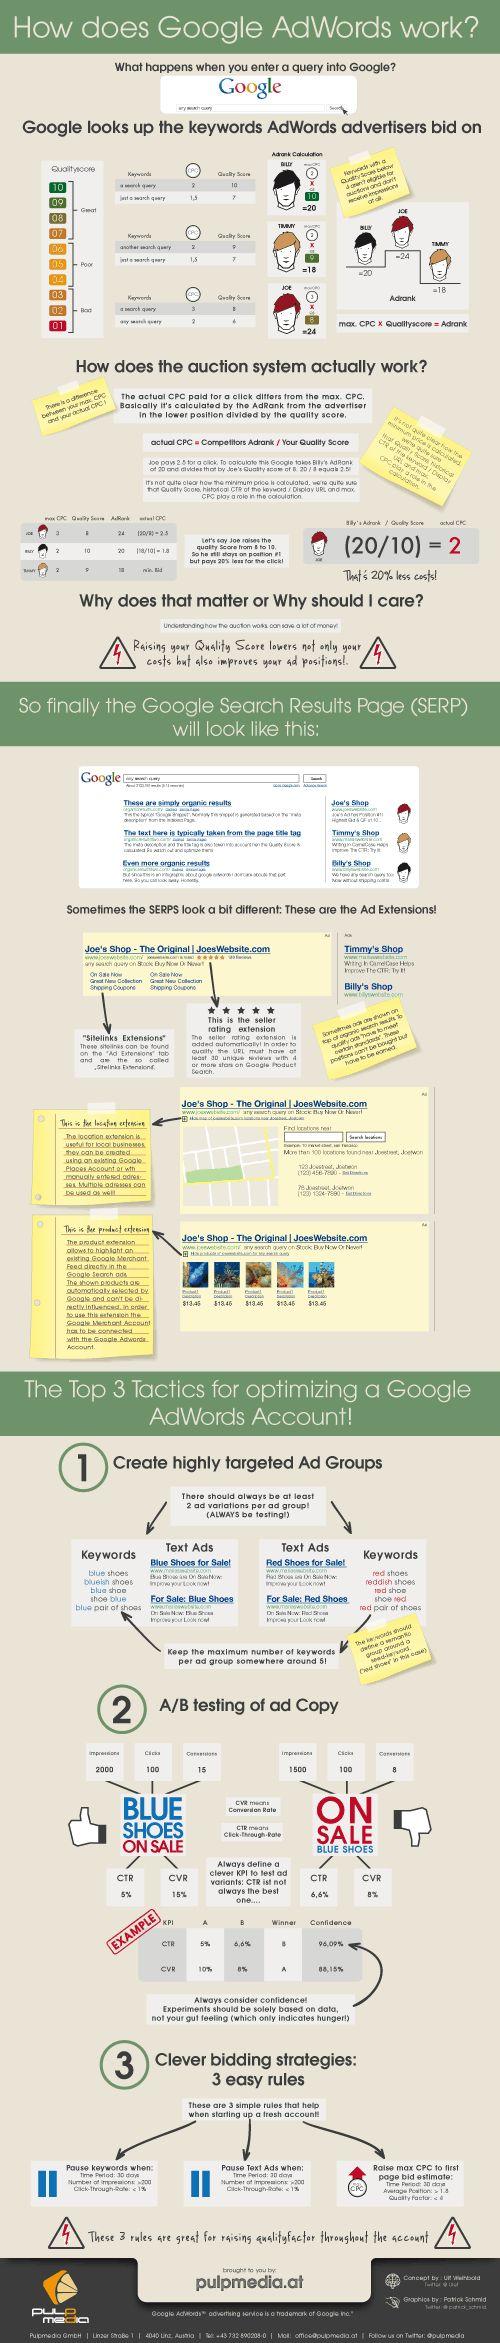 Как работает система аукциона google adwords (часть 2 - погружение)